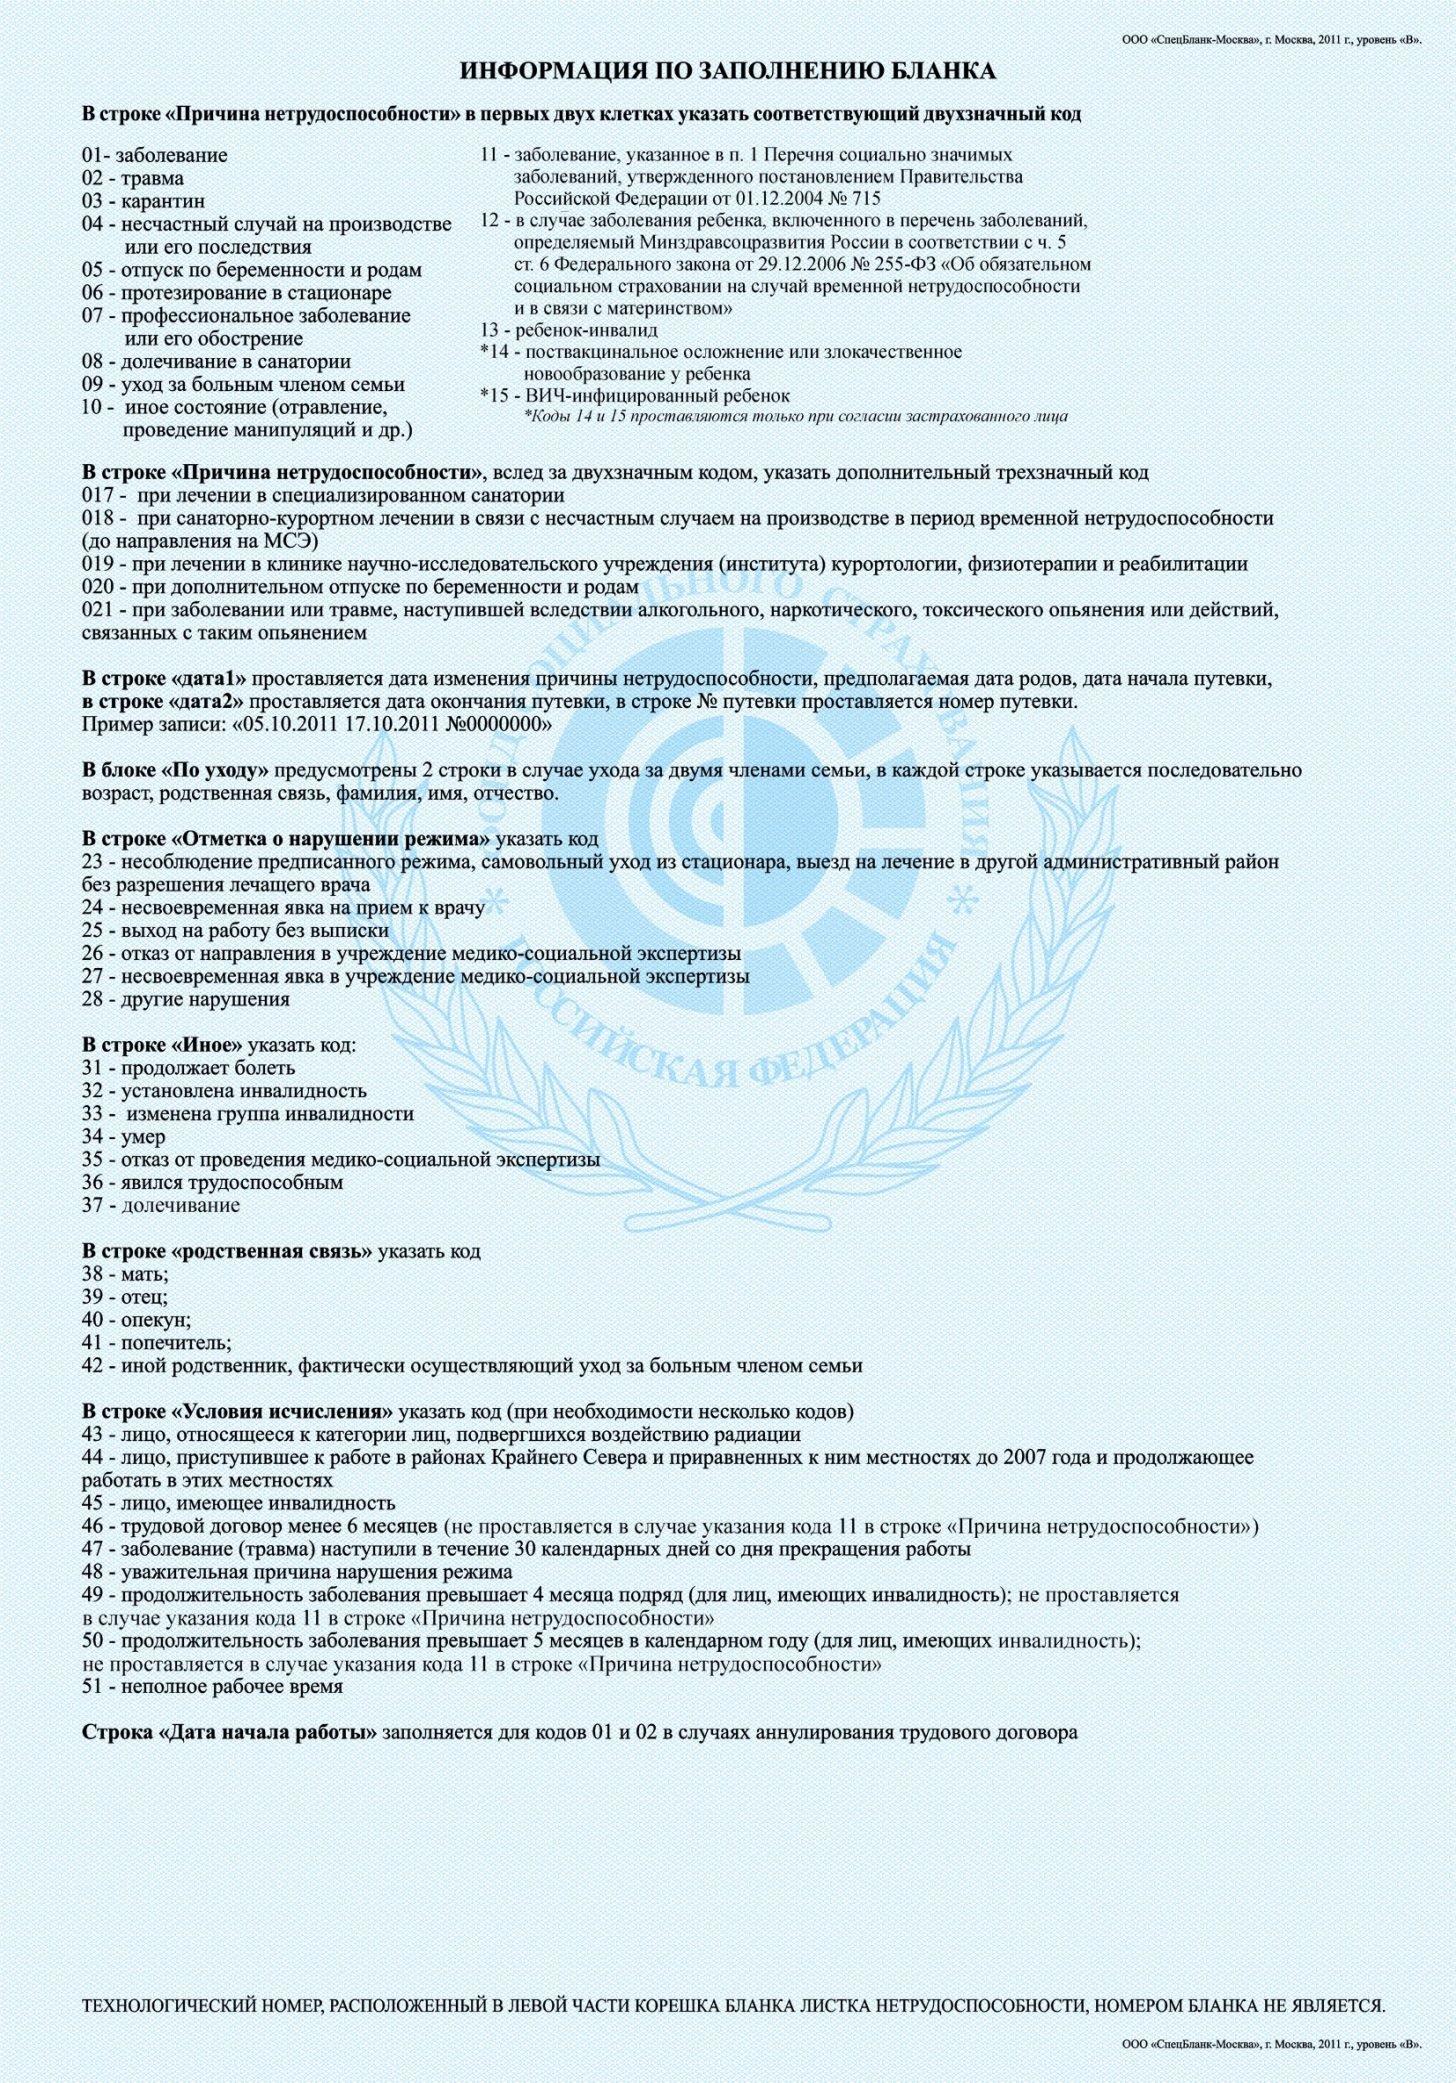 Больничный лист перечень уважительных причин показания биохимического анализа крови при заболеваниях печени